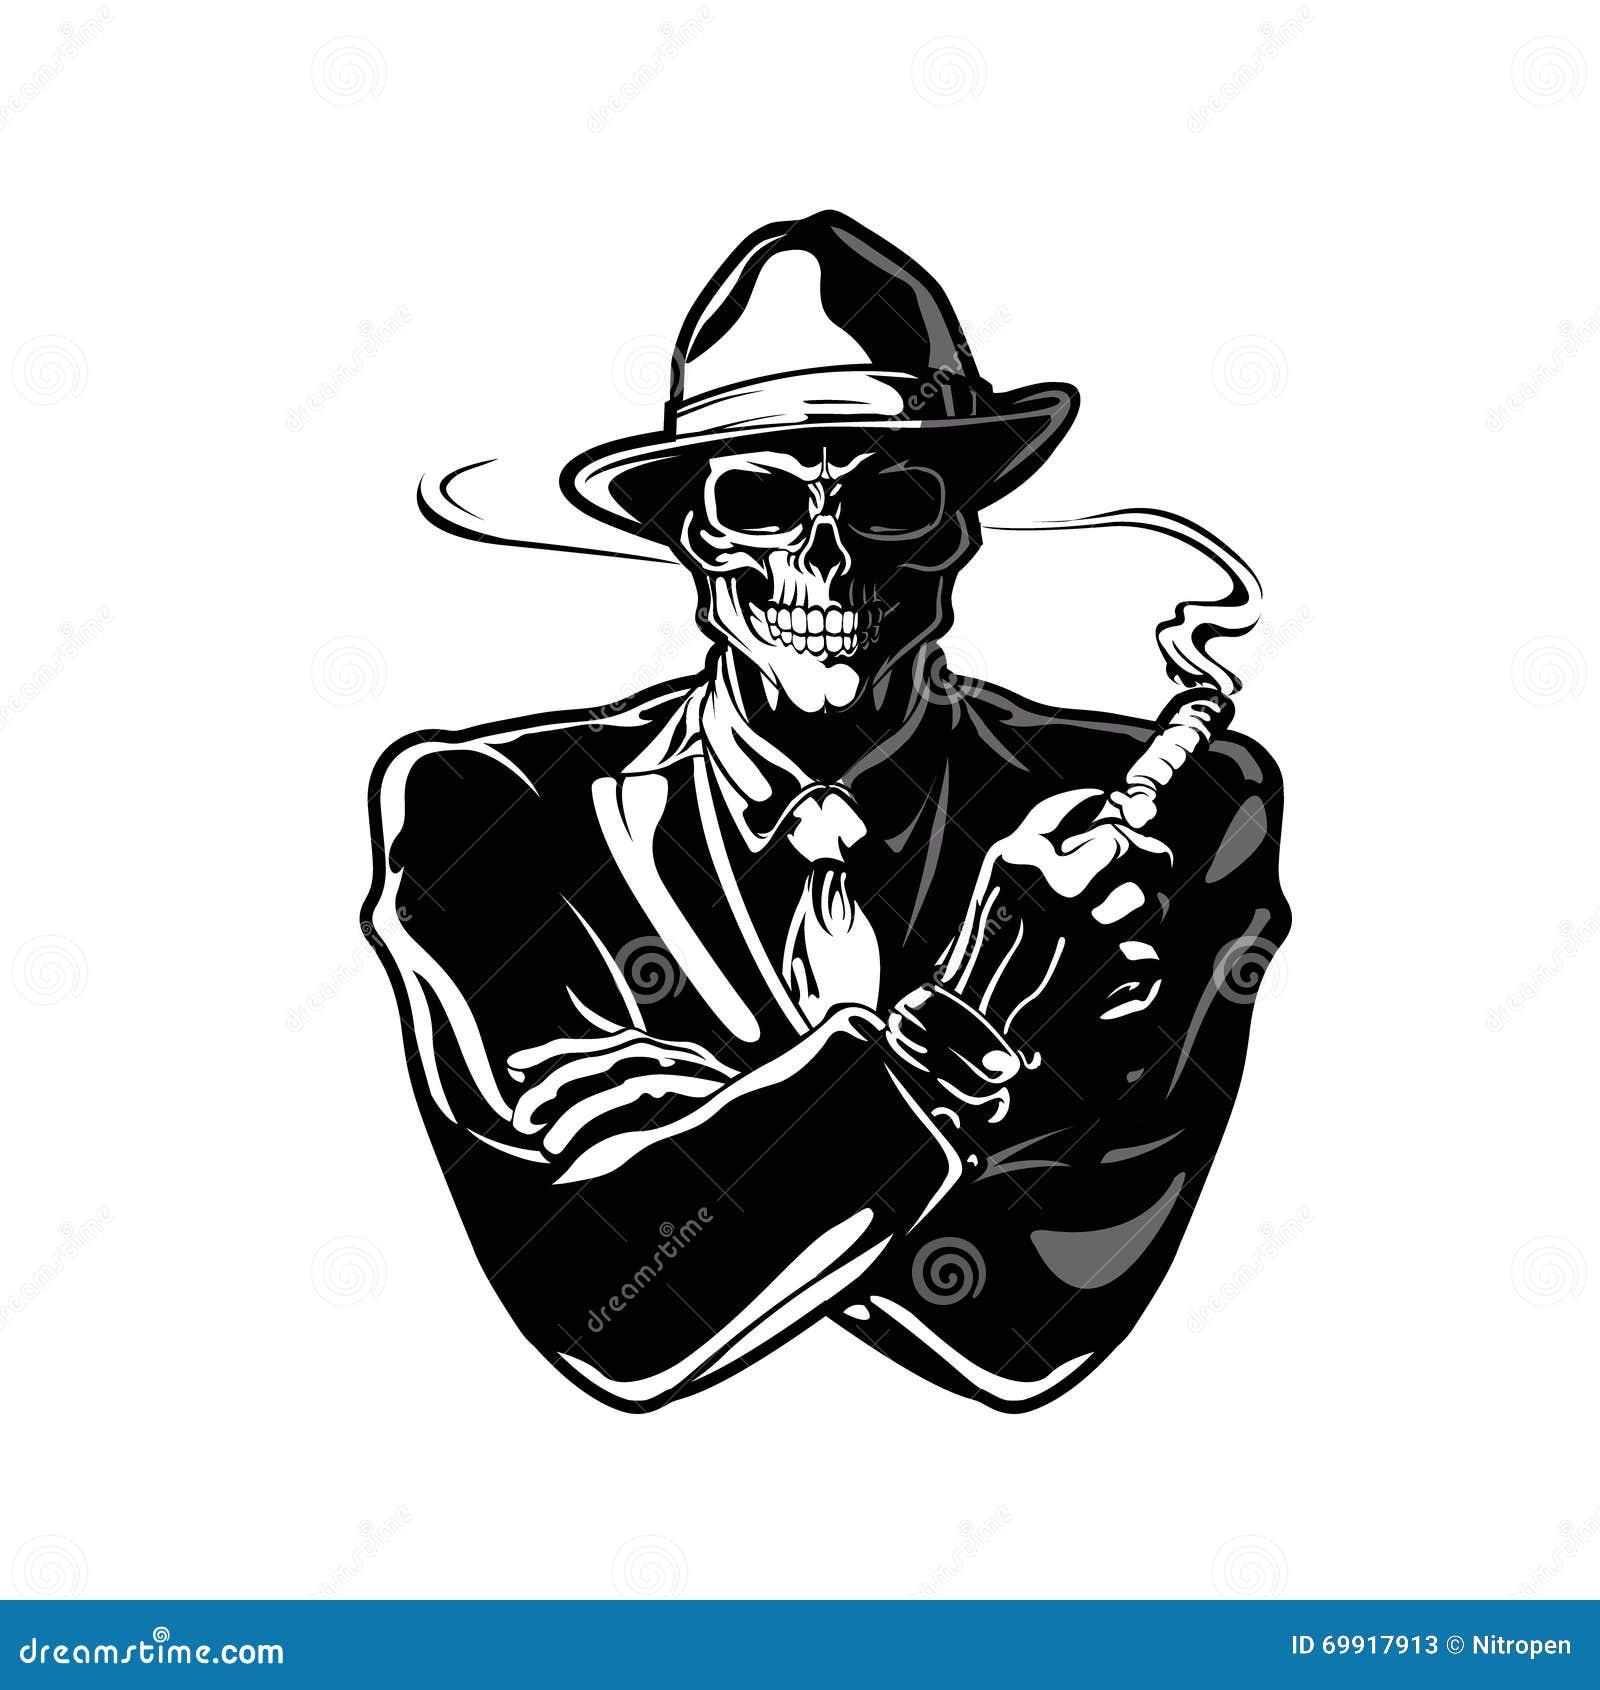 Gangster Skull Cartoon Stock Illustration Illustration Of